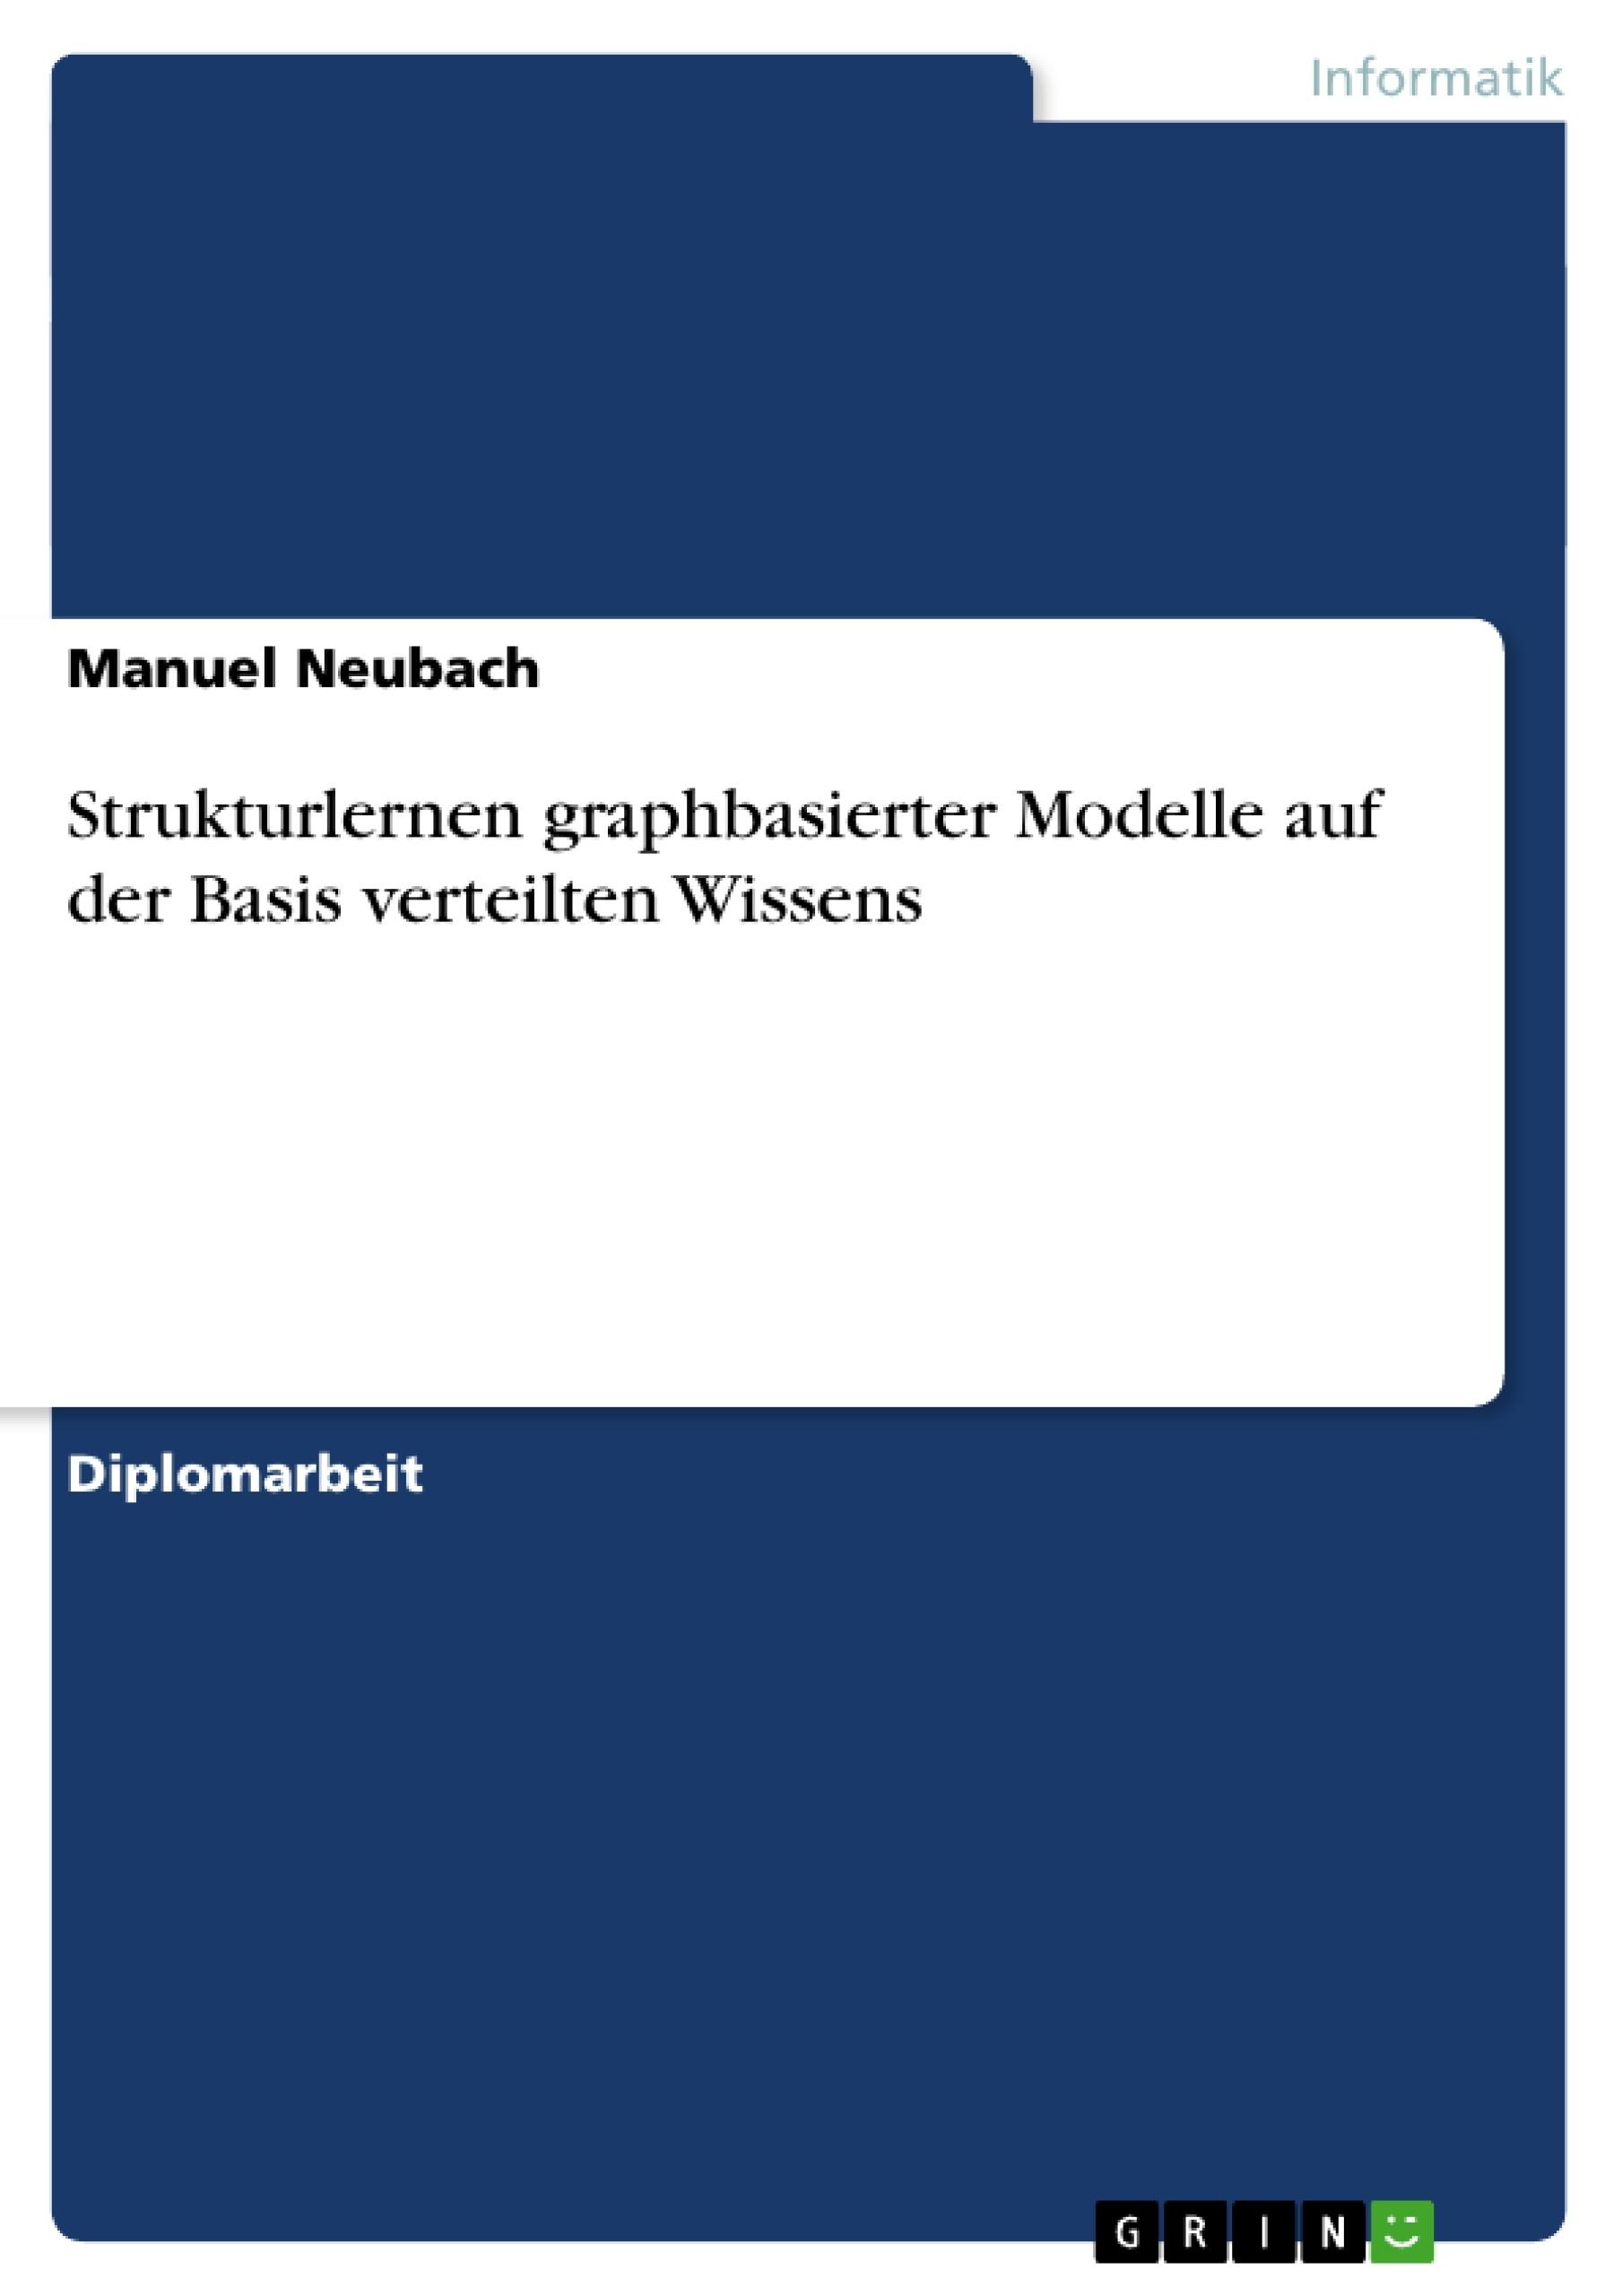 Titel: Strukturlernen graphbasierter Modelle auf der Basis verteilten Wissens